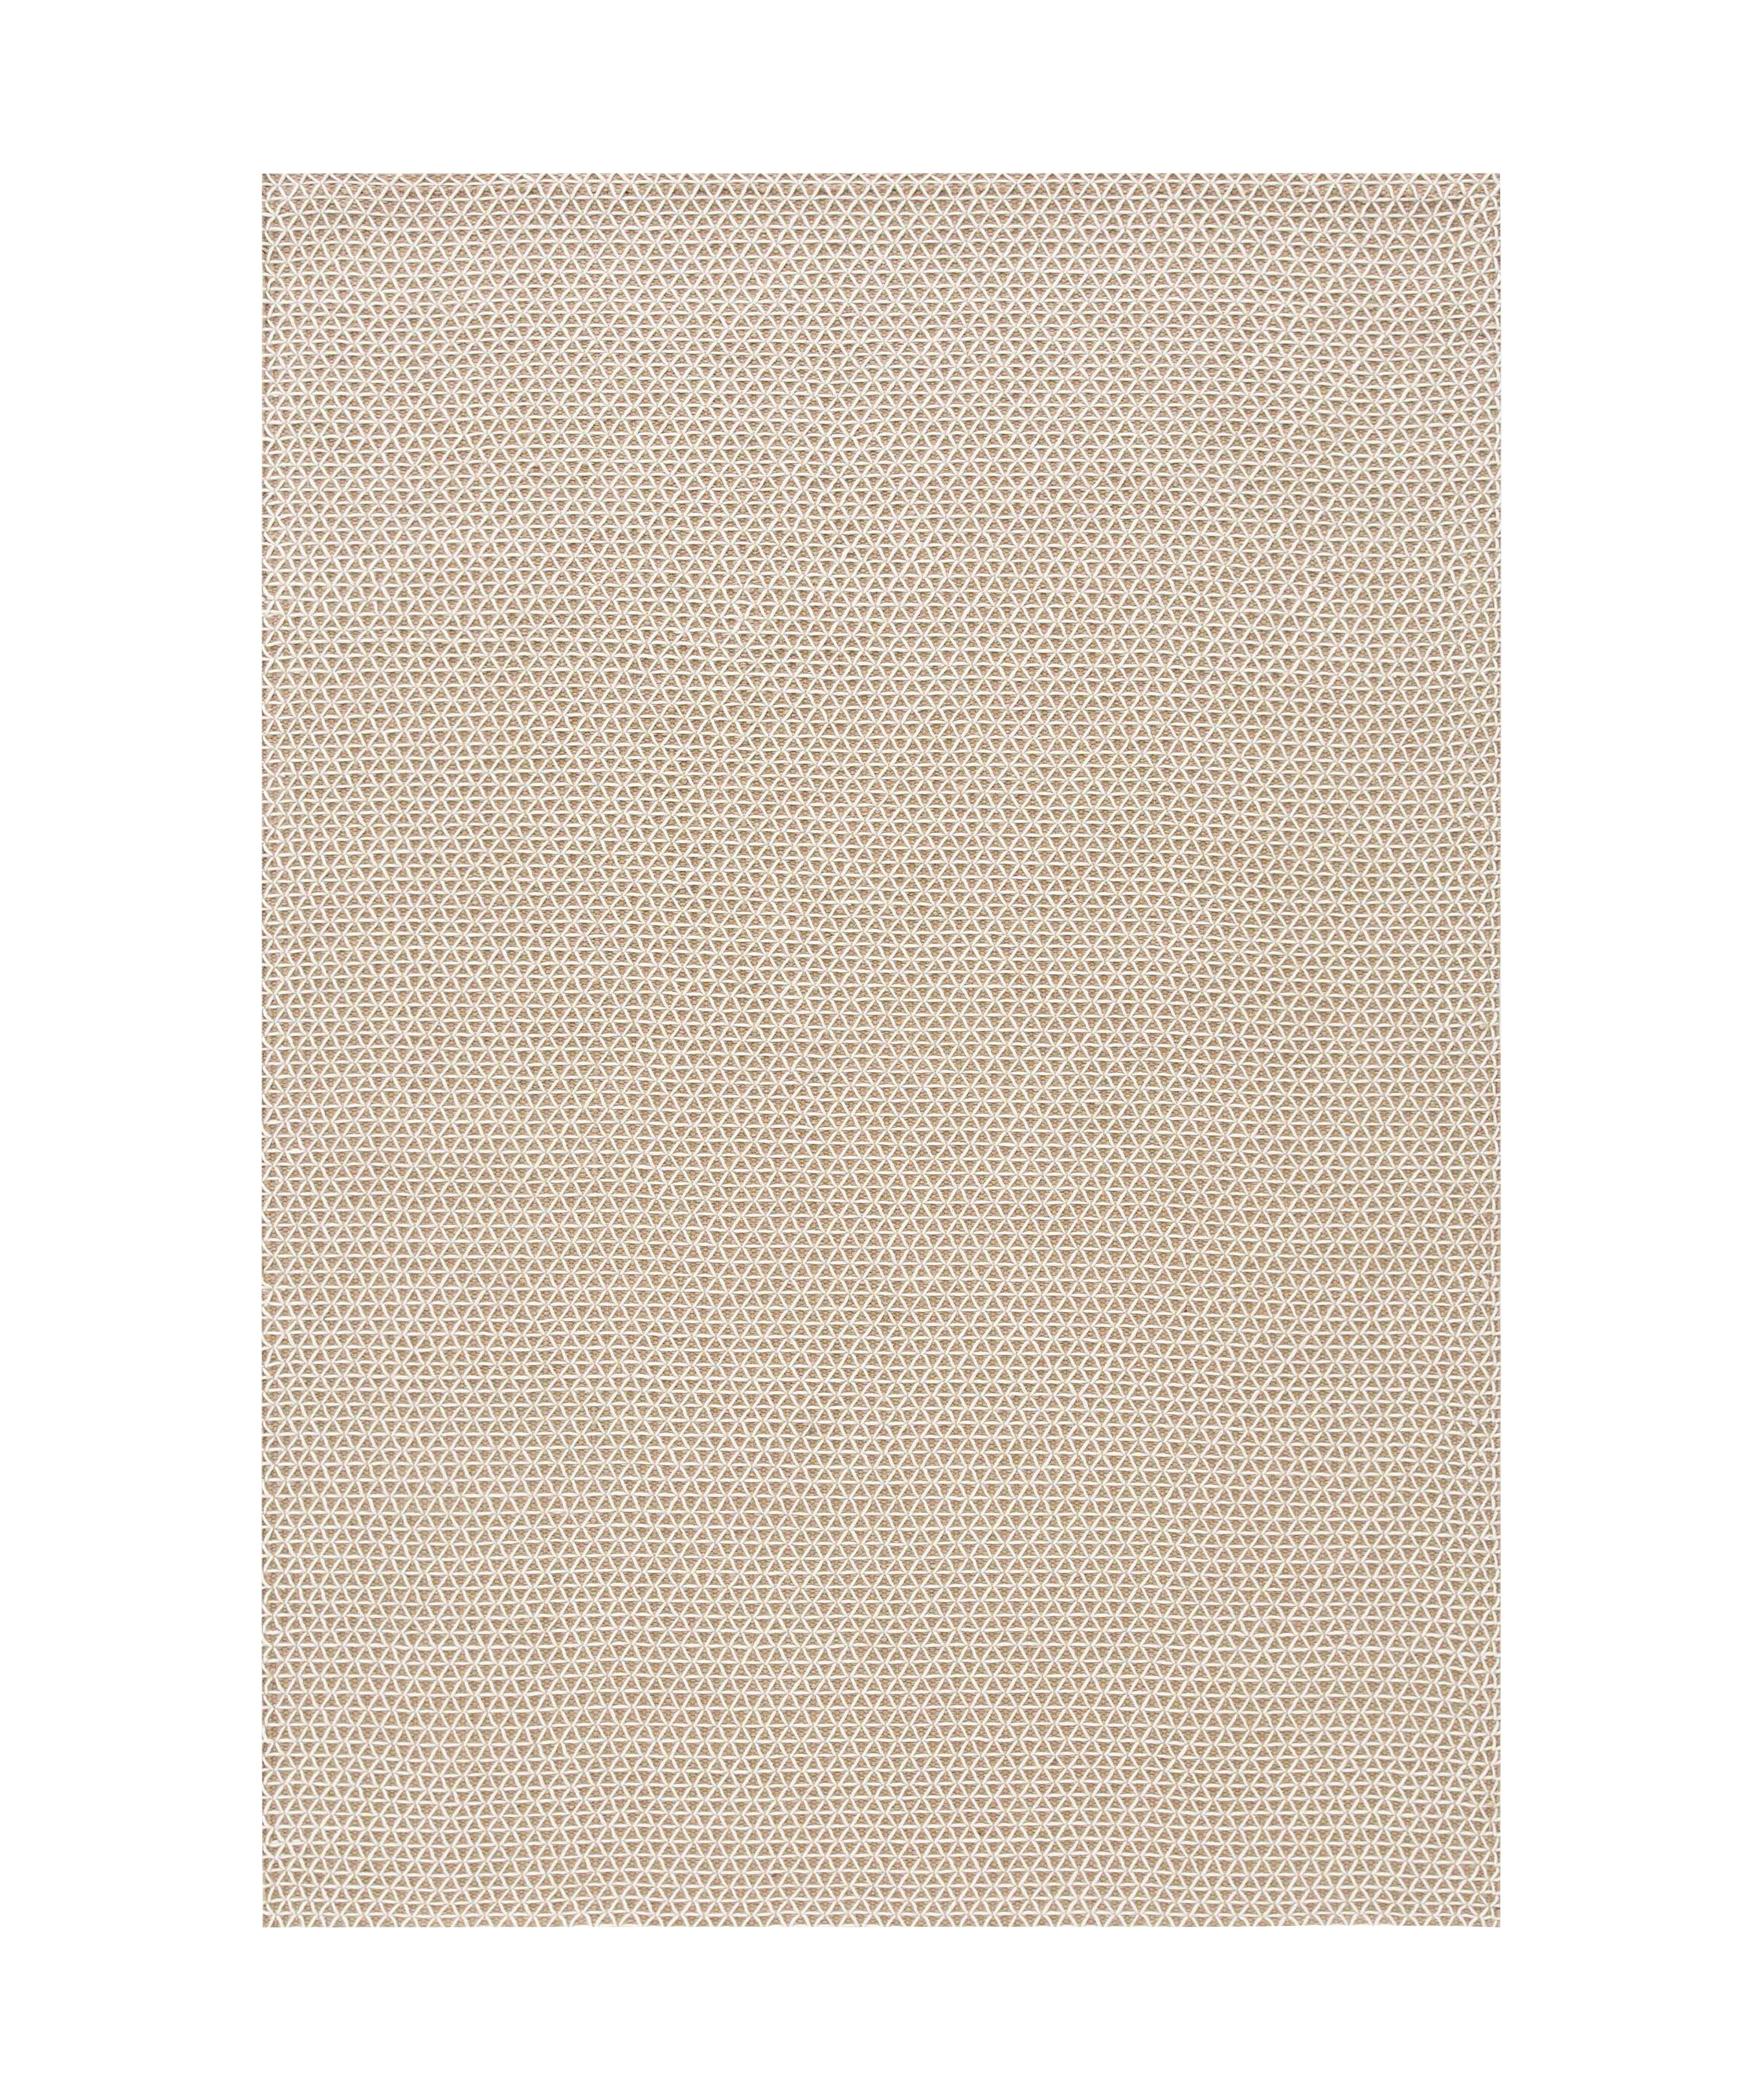 Déco - Tapis - Tapis Raw / 170 x 240 cm - Jute & laine - Gan - Blanc/ Jute naturelle - Jute naturelle, Laine